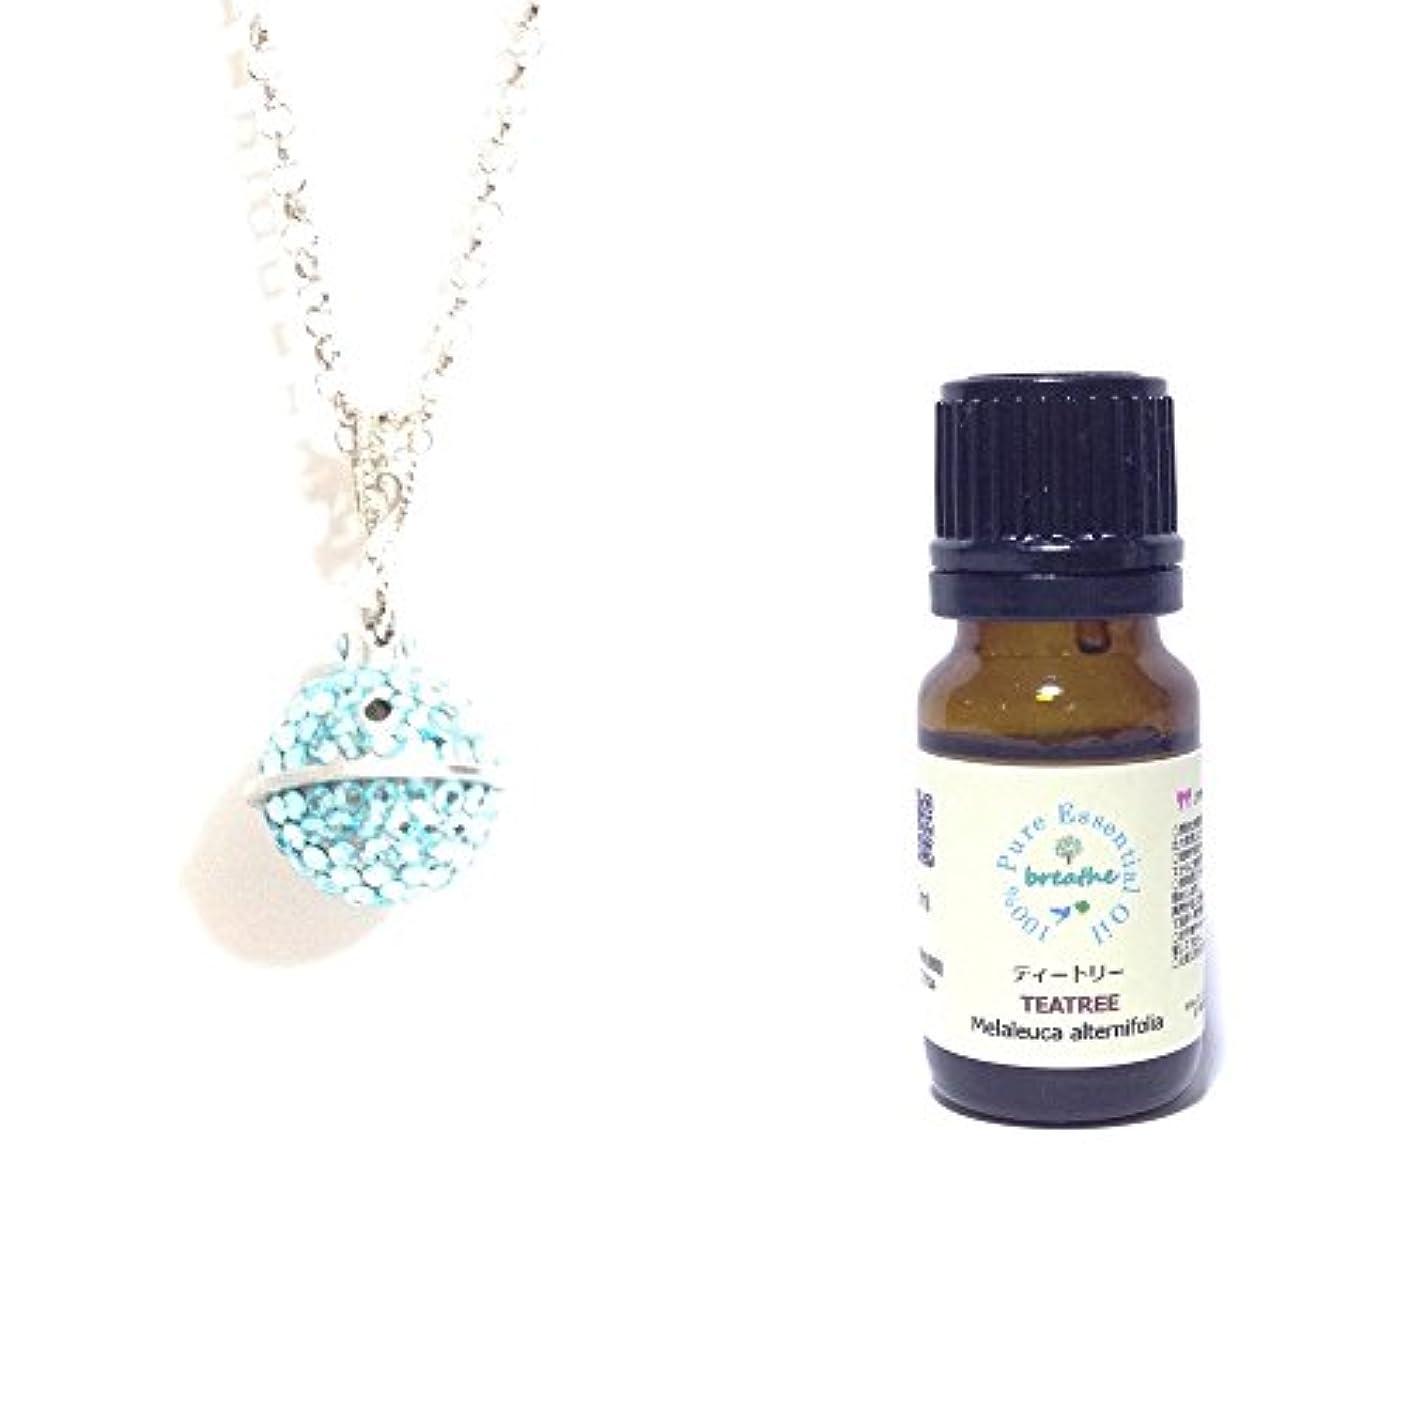 食べるどきどき頭痛aroma bijouxアロマペンダント土星 3月誕生石カラー アクアマリン+breathe精油ティートリー10ml 香りのギフトセットl